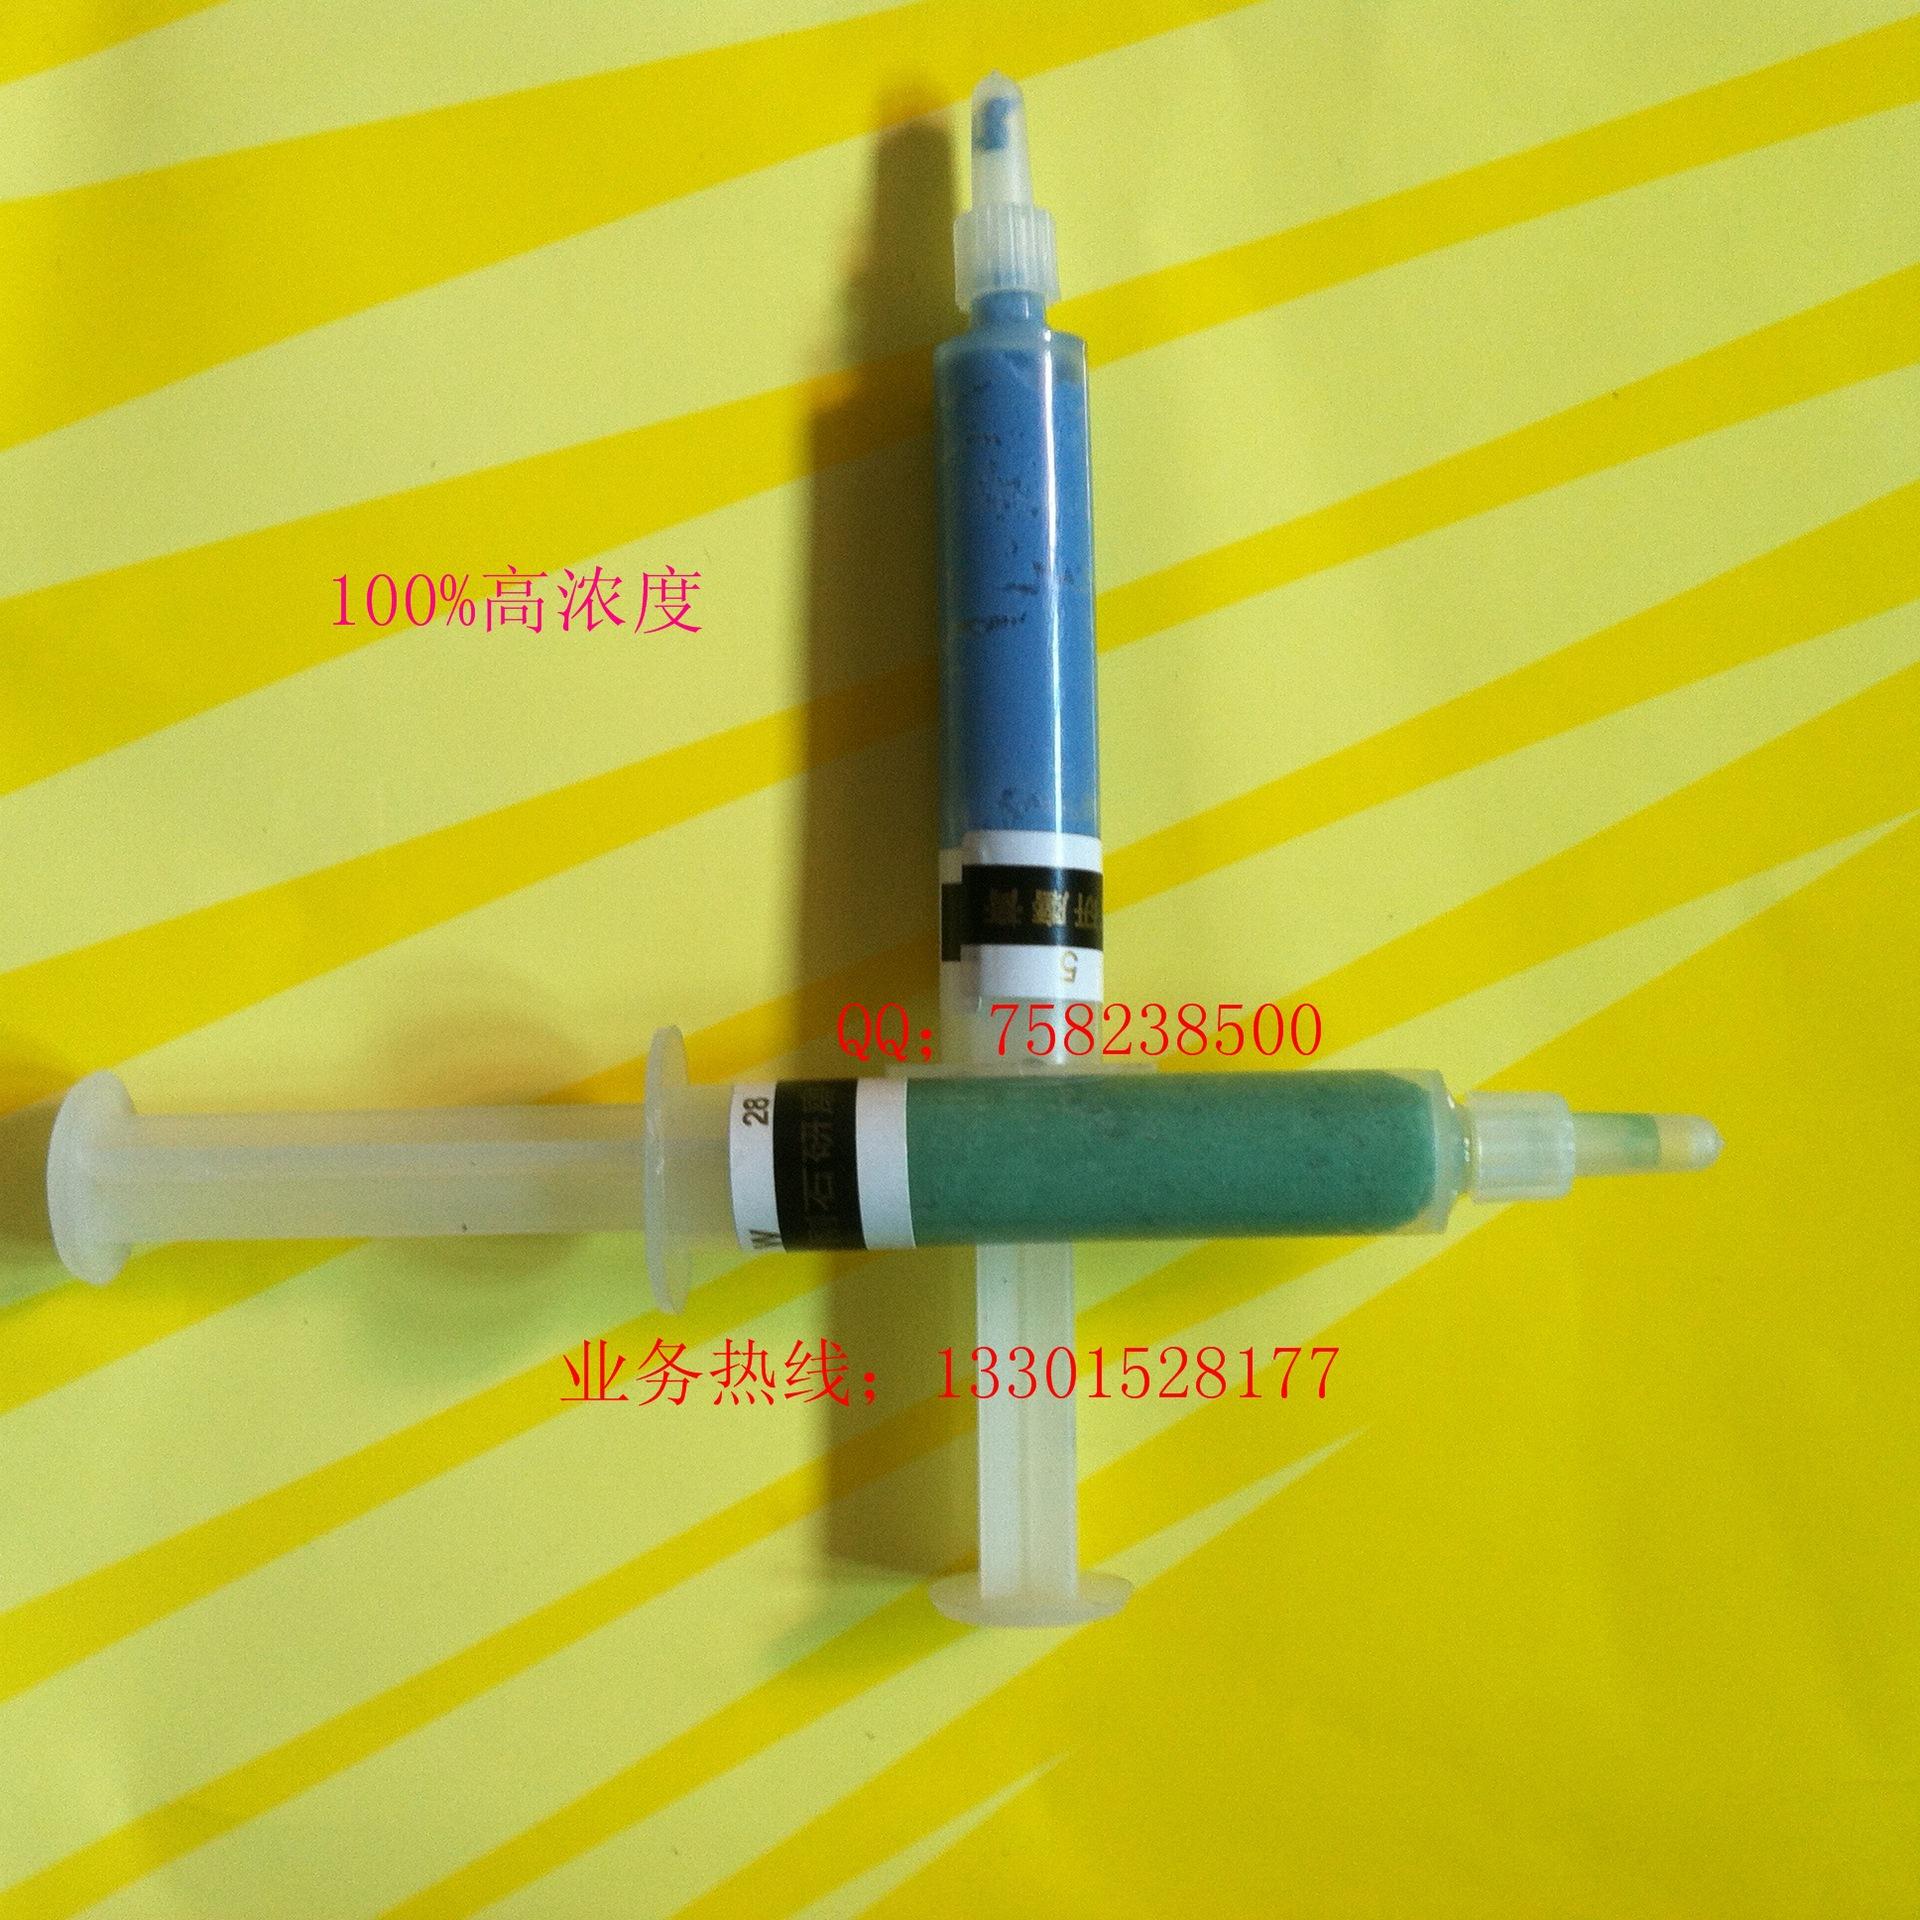 热卖针筒式金刚石研磨膏钻石膏研磨剂机械磨具打磨抛光专用